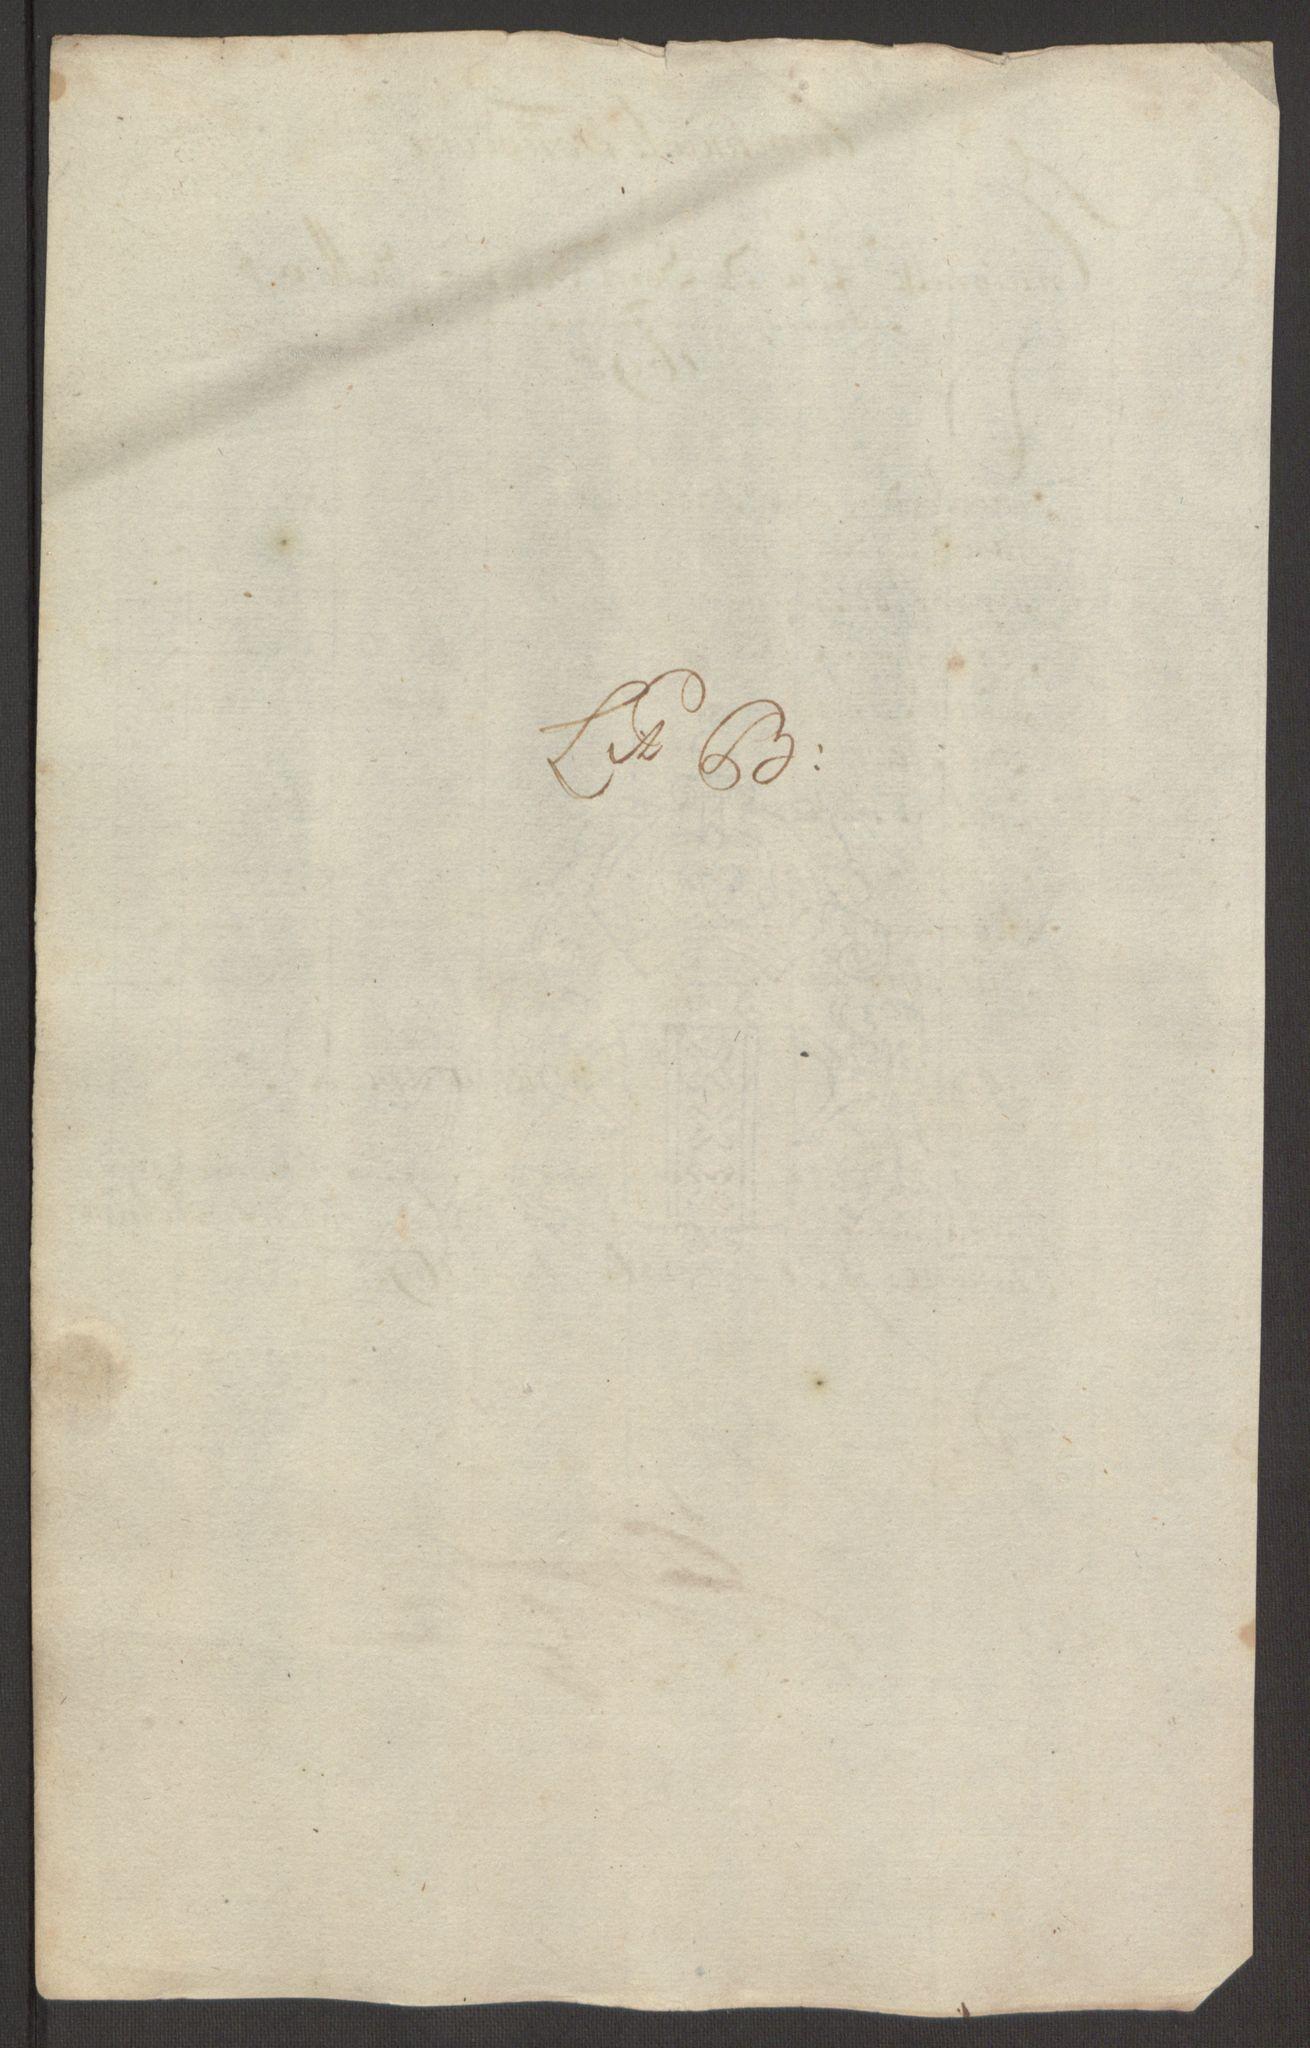 RA, Rentekammeret inntil 1814, Reviderte regnskaper, Fogderegnskap, R64/L4424: Fogderegnskap Namdal, 1692-1695, s. 461